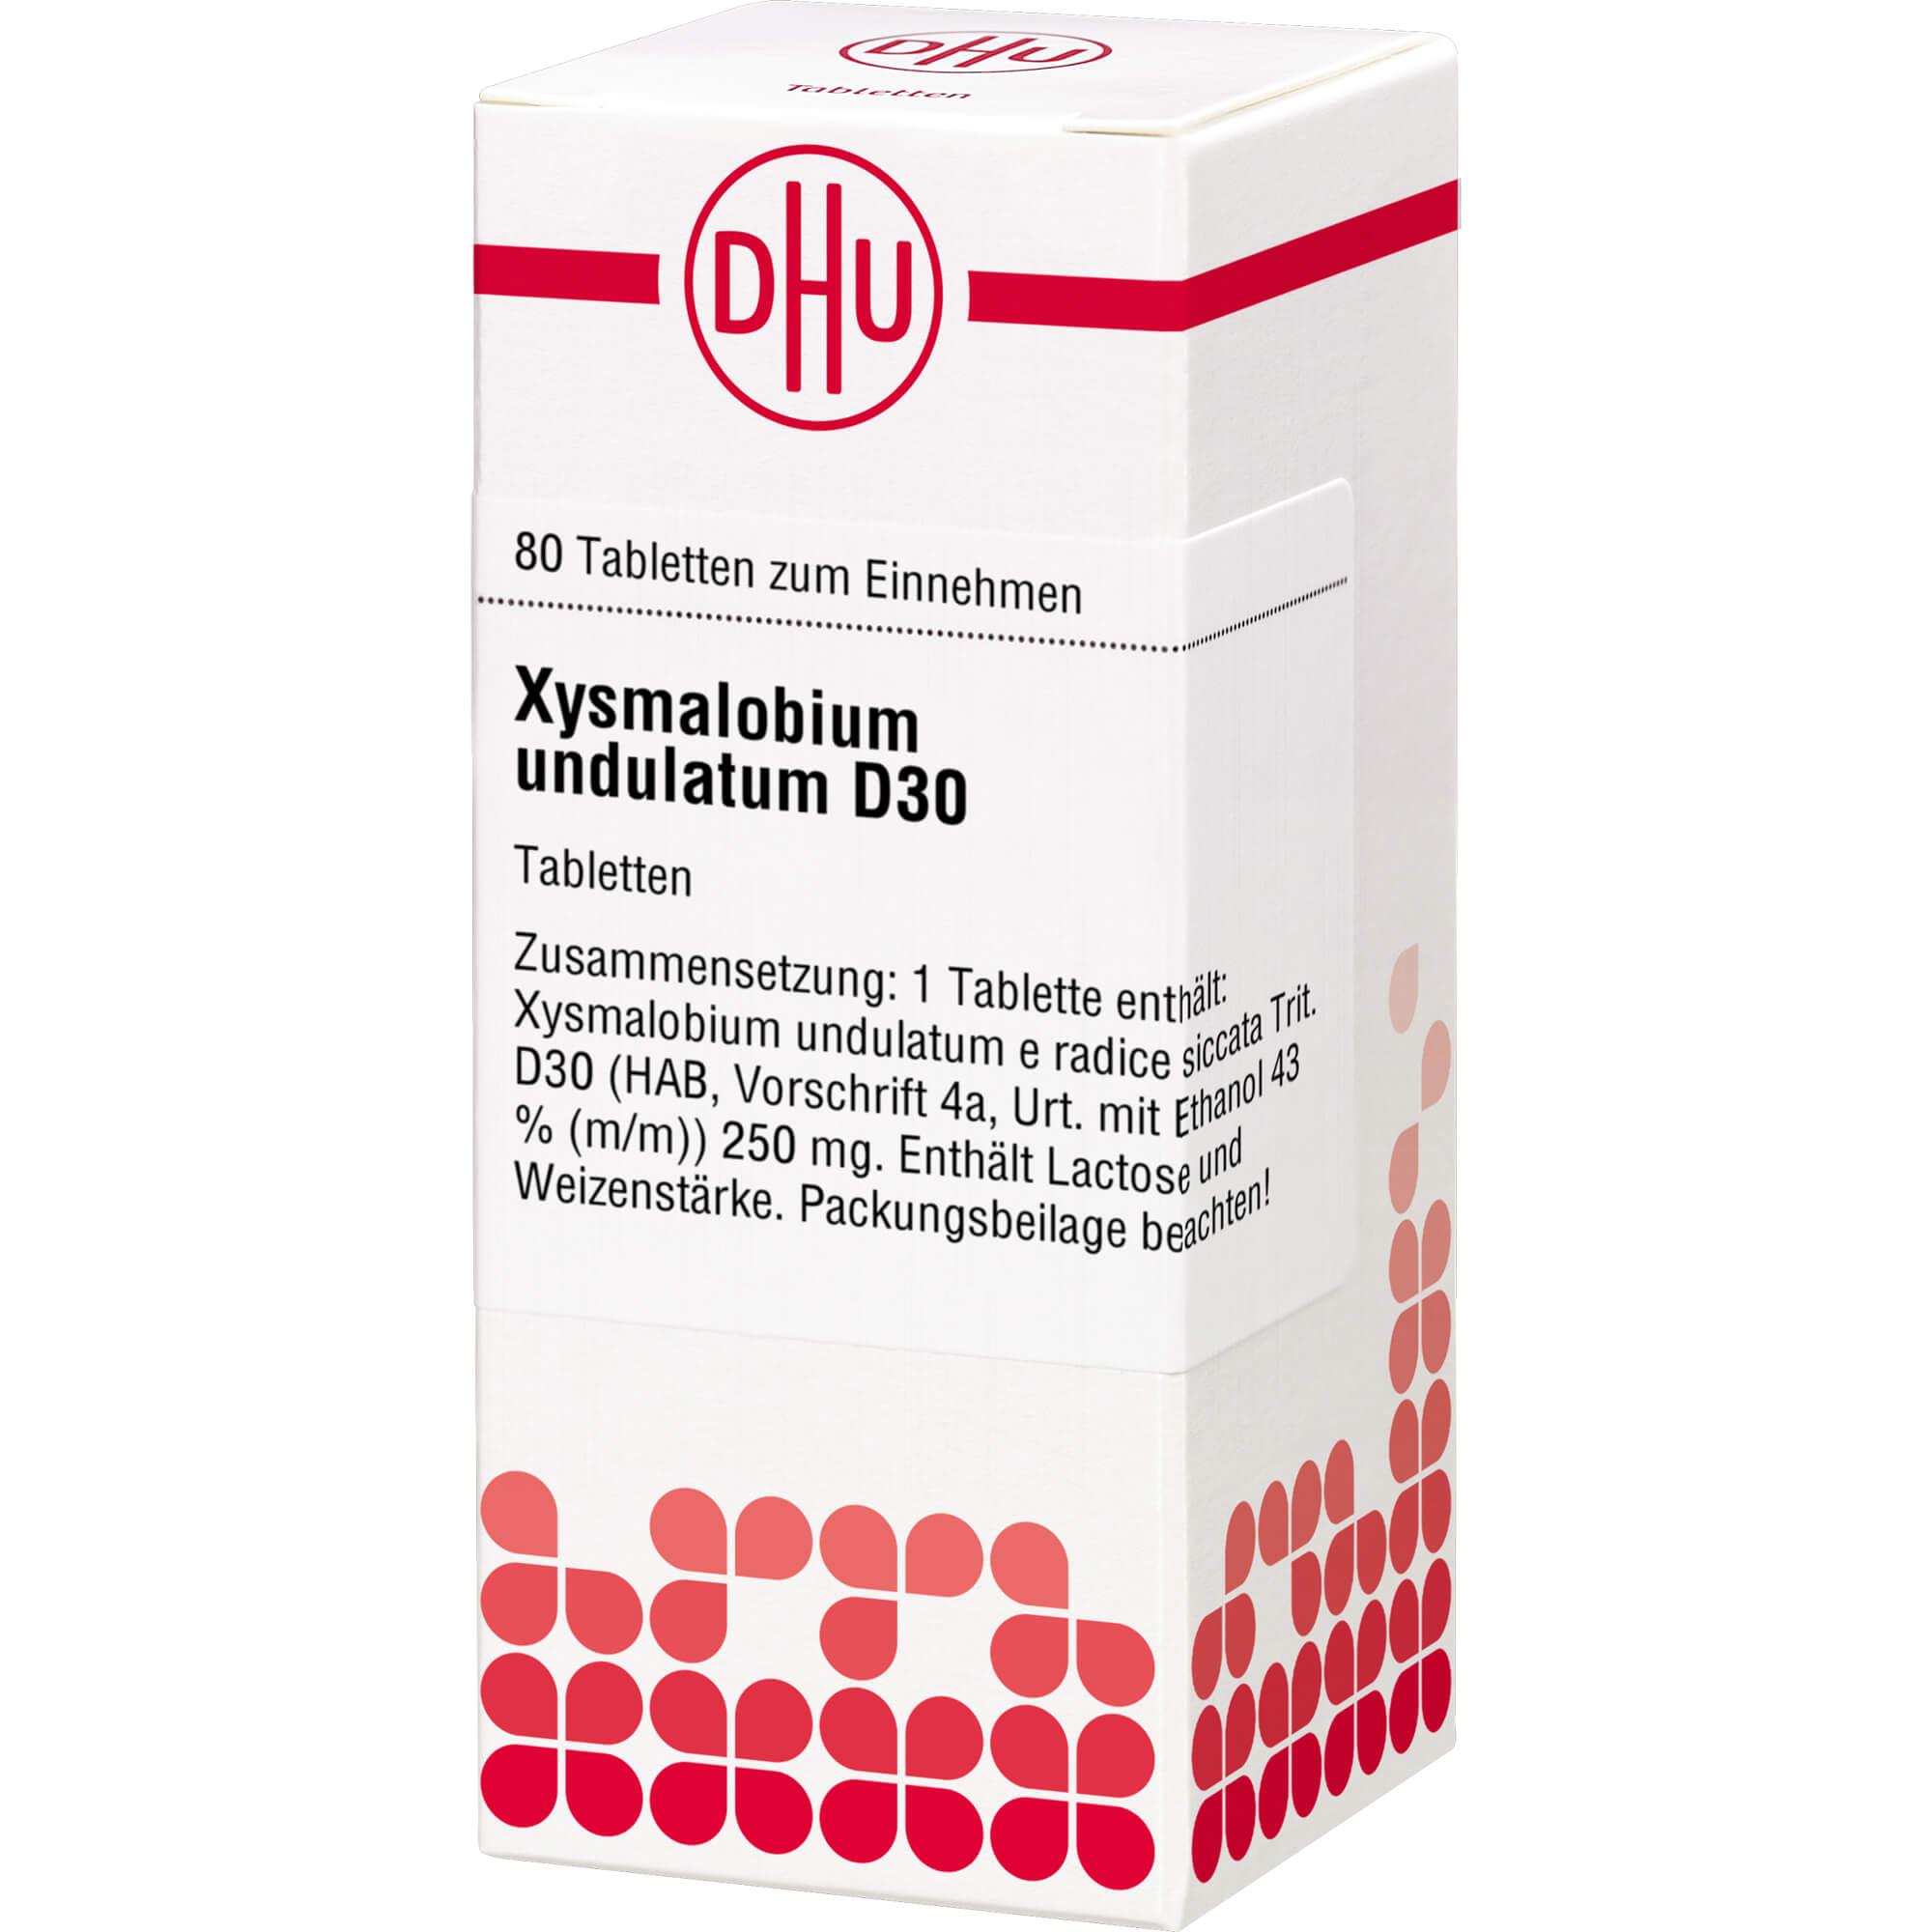 XYSMALOBIUM undulatum D 30 Tabletten